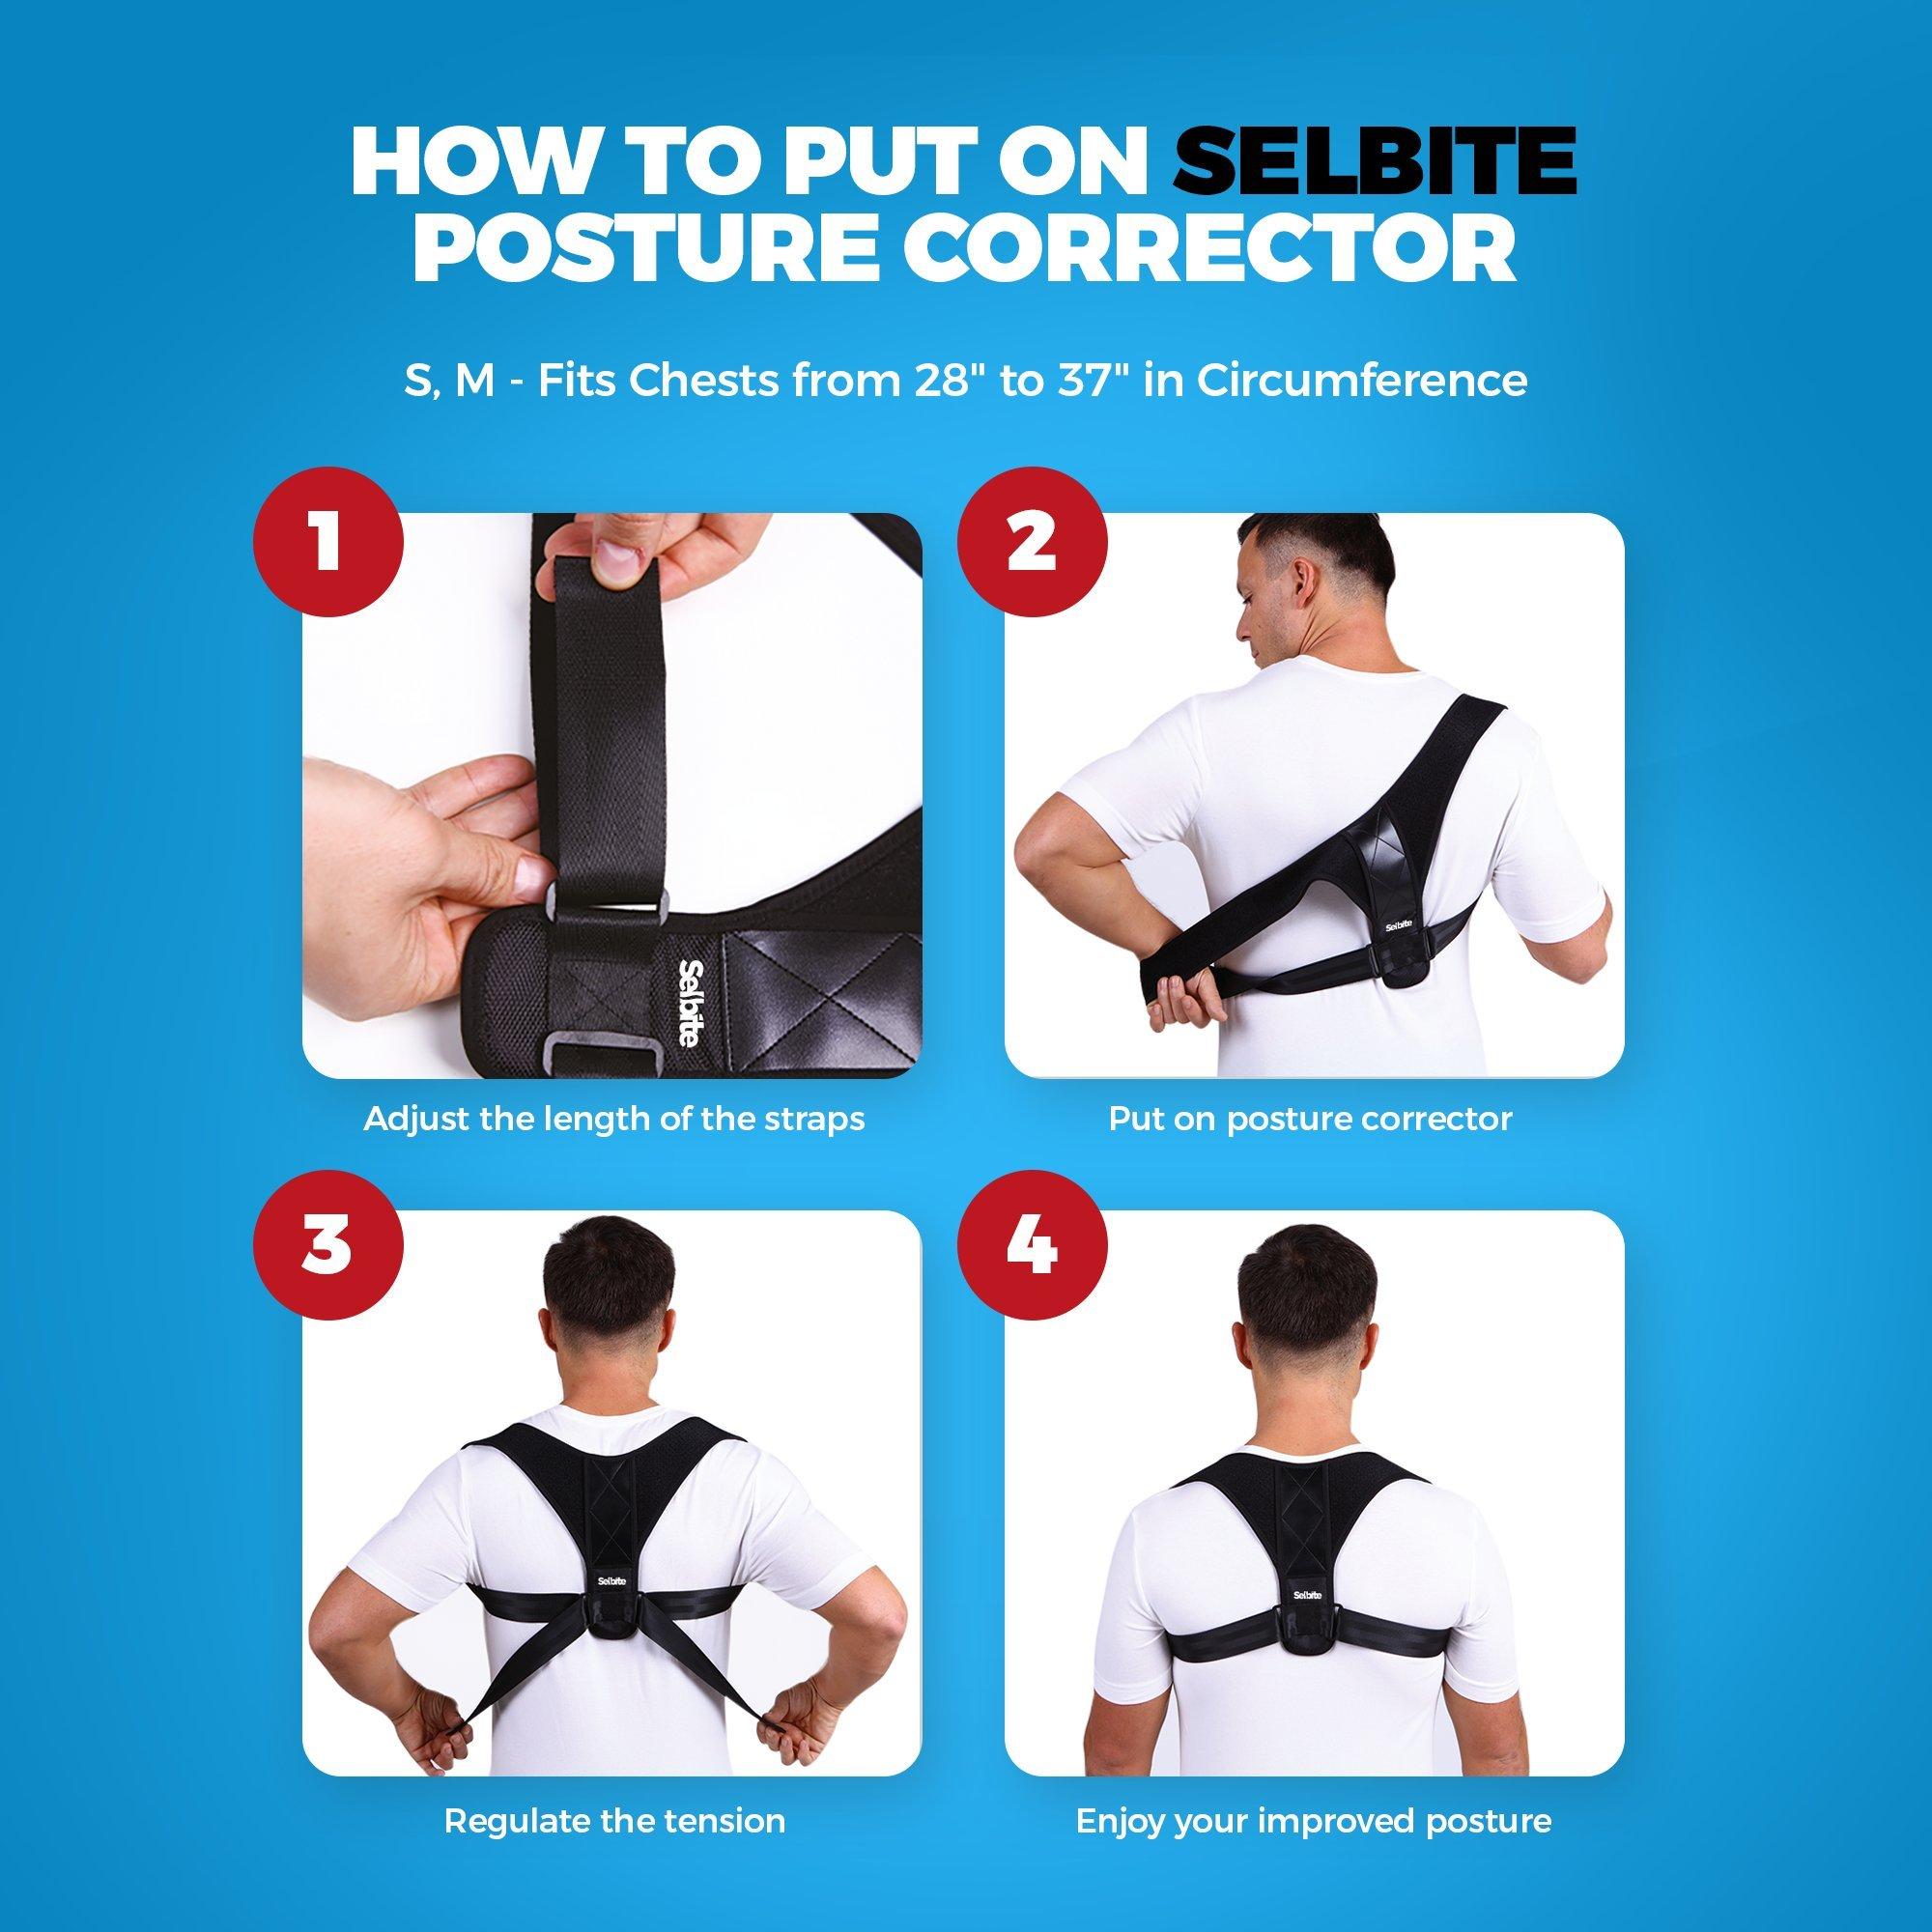 Back Posture Corrector for Men Women - Effective Posture Corrector Upper Back Straightener - Adjustable Posture Brace - Back Brace - Lightweight and Comfortable for Improving Posture by Selbite (Image #8)